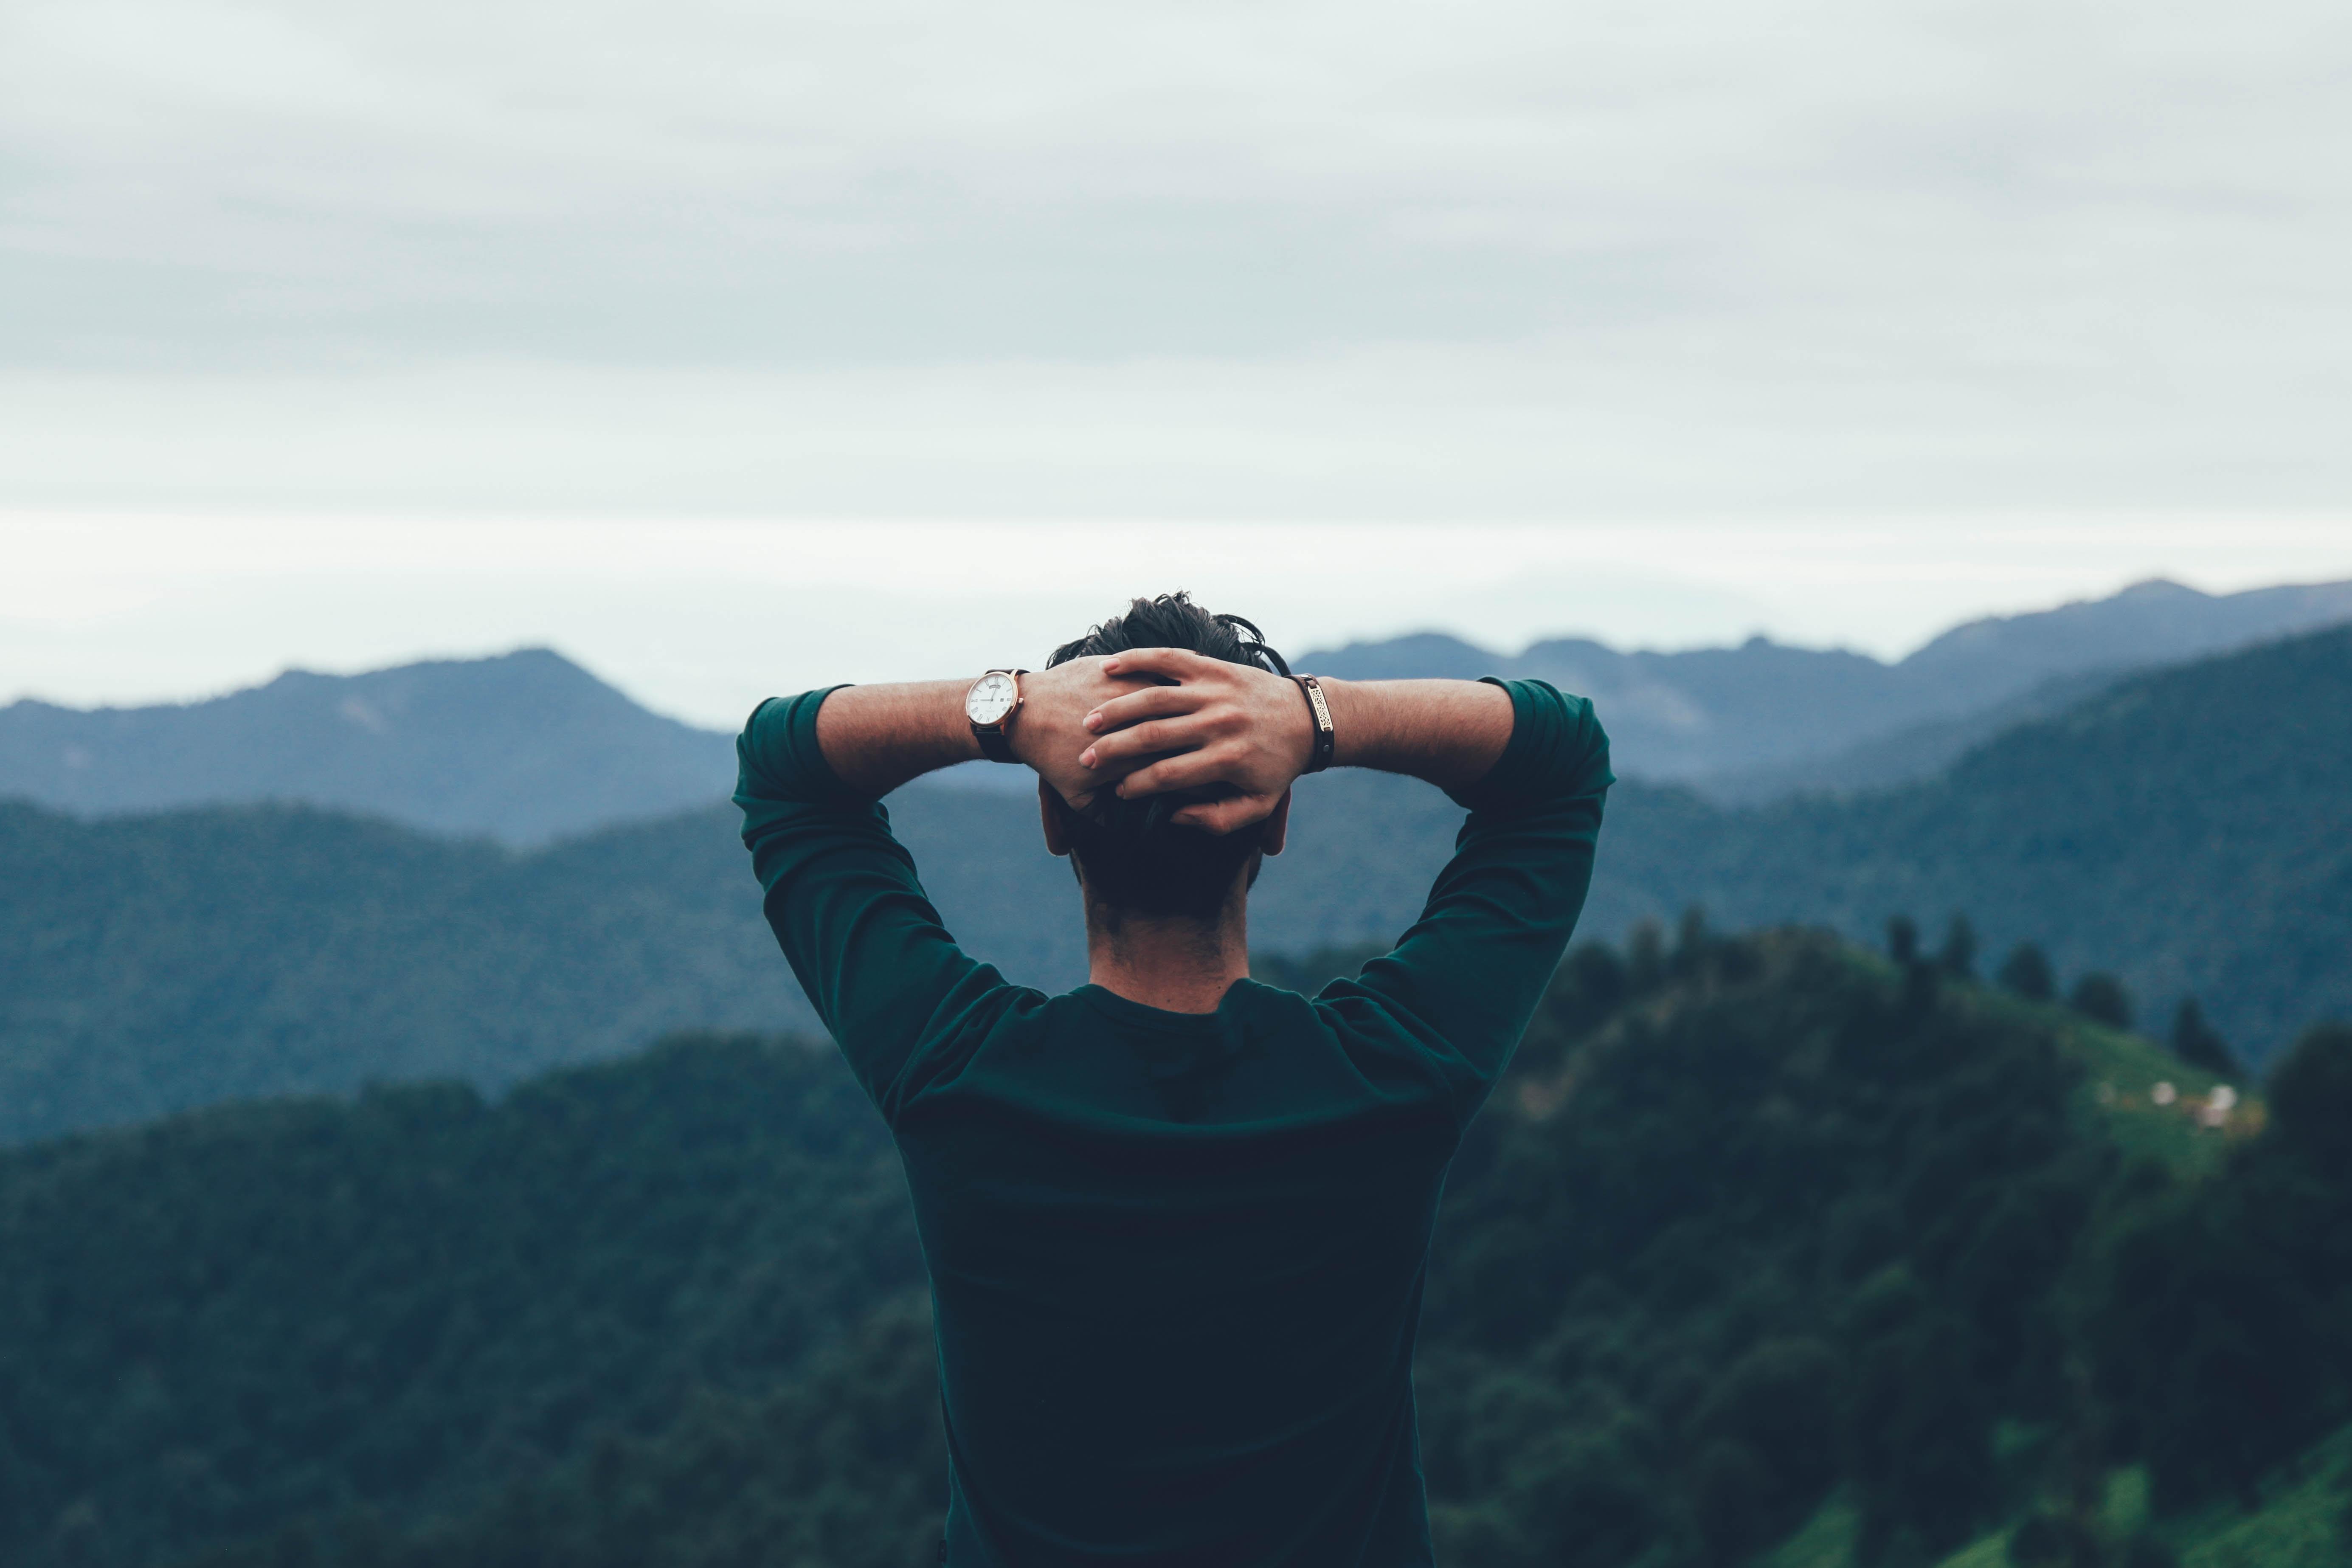 man wearing green raglan watching the mountain